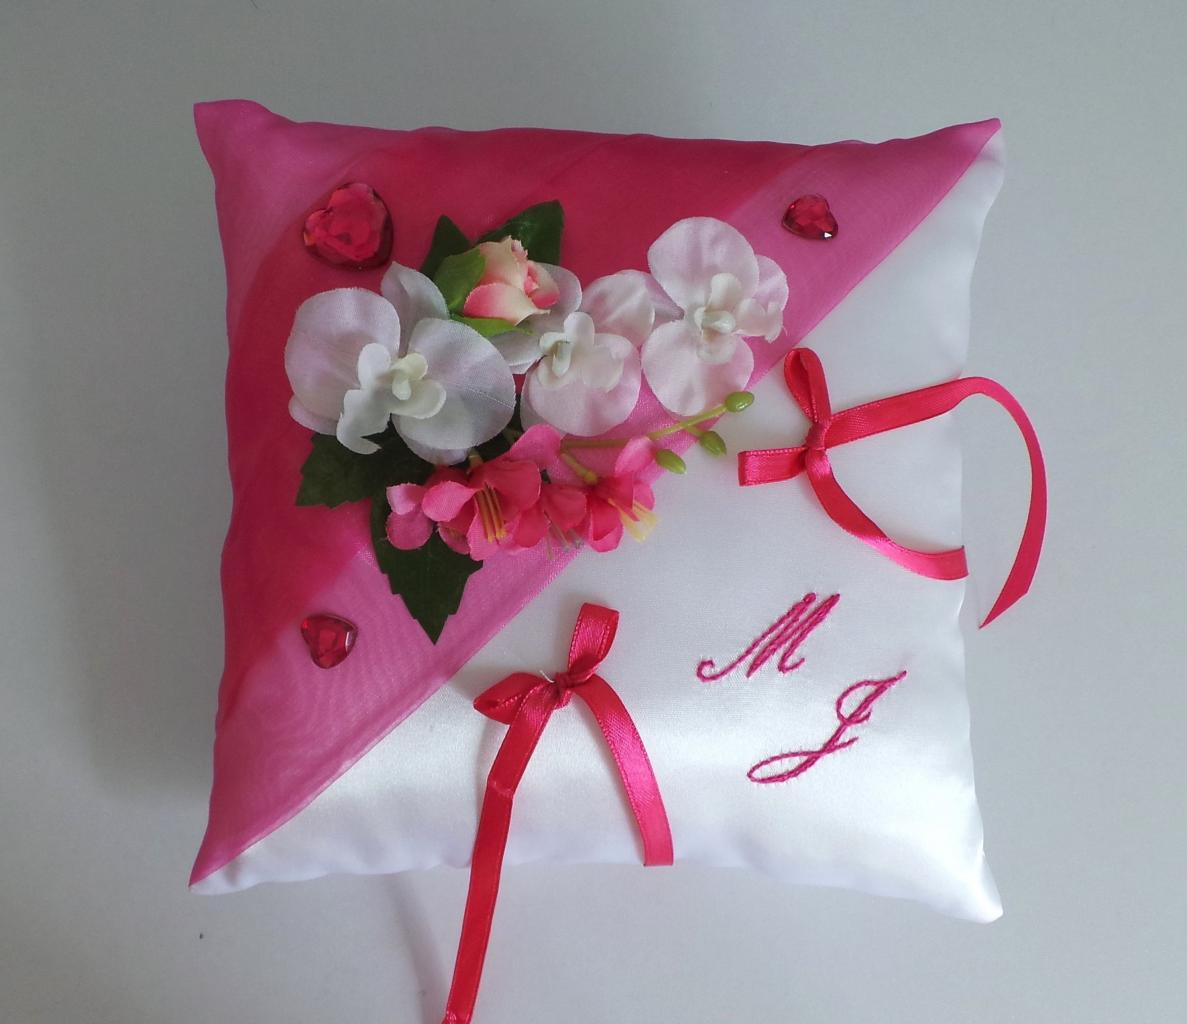 Coussin de mariage rose fuchsia blanc création sur mesure